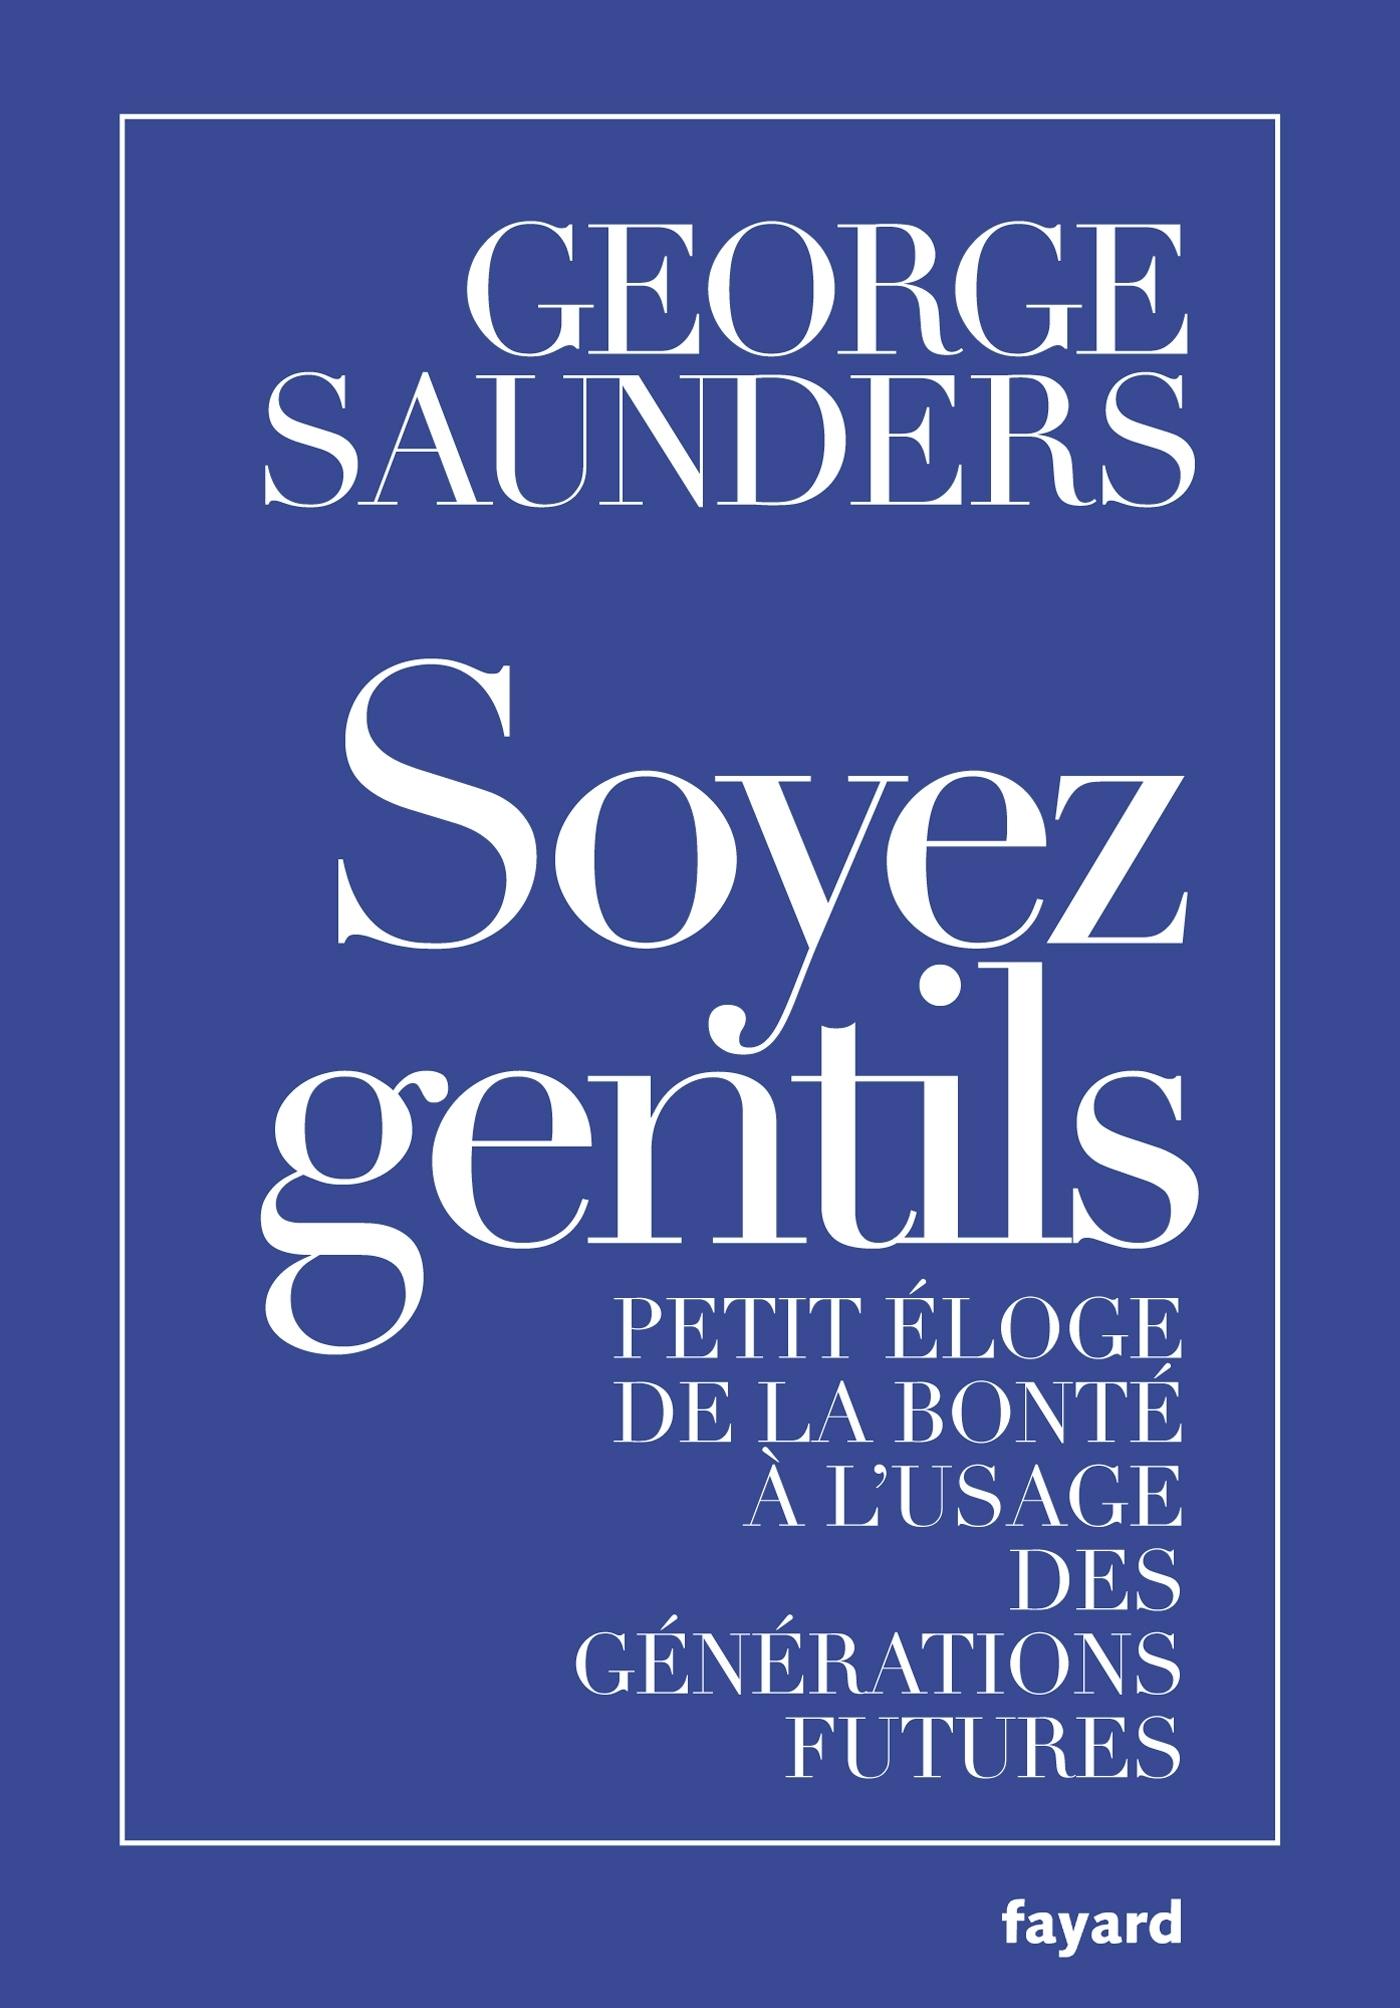 SOYEZ GENTILS